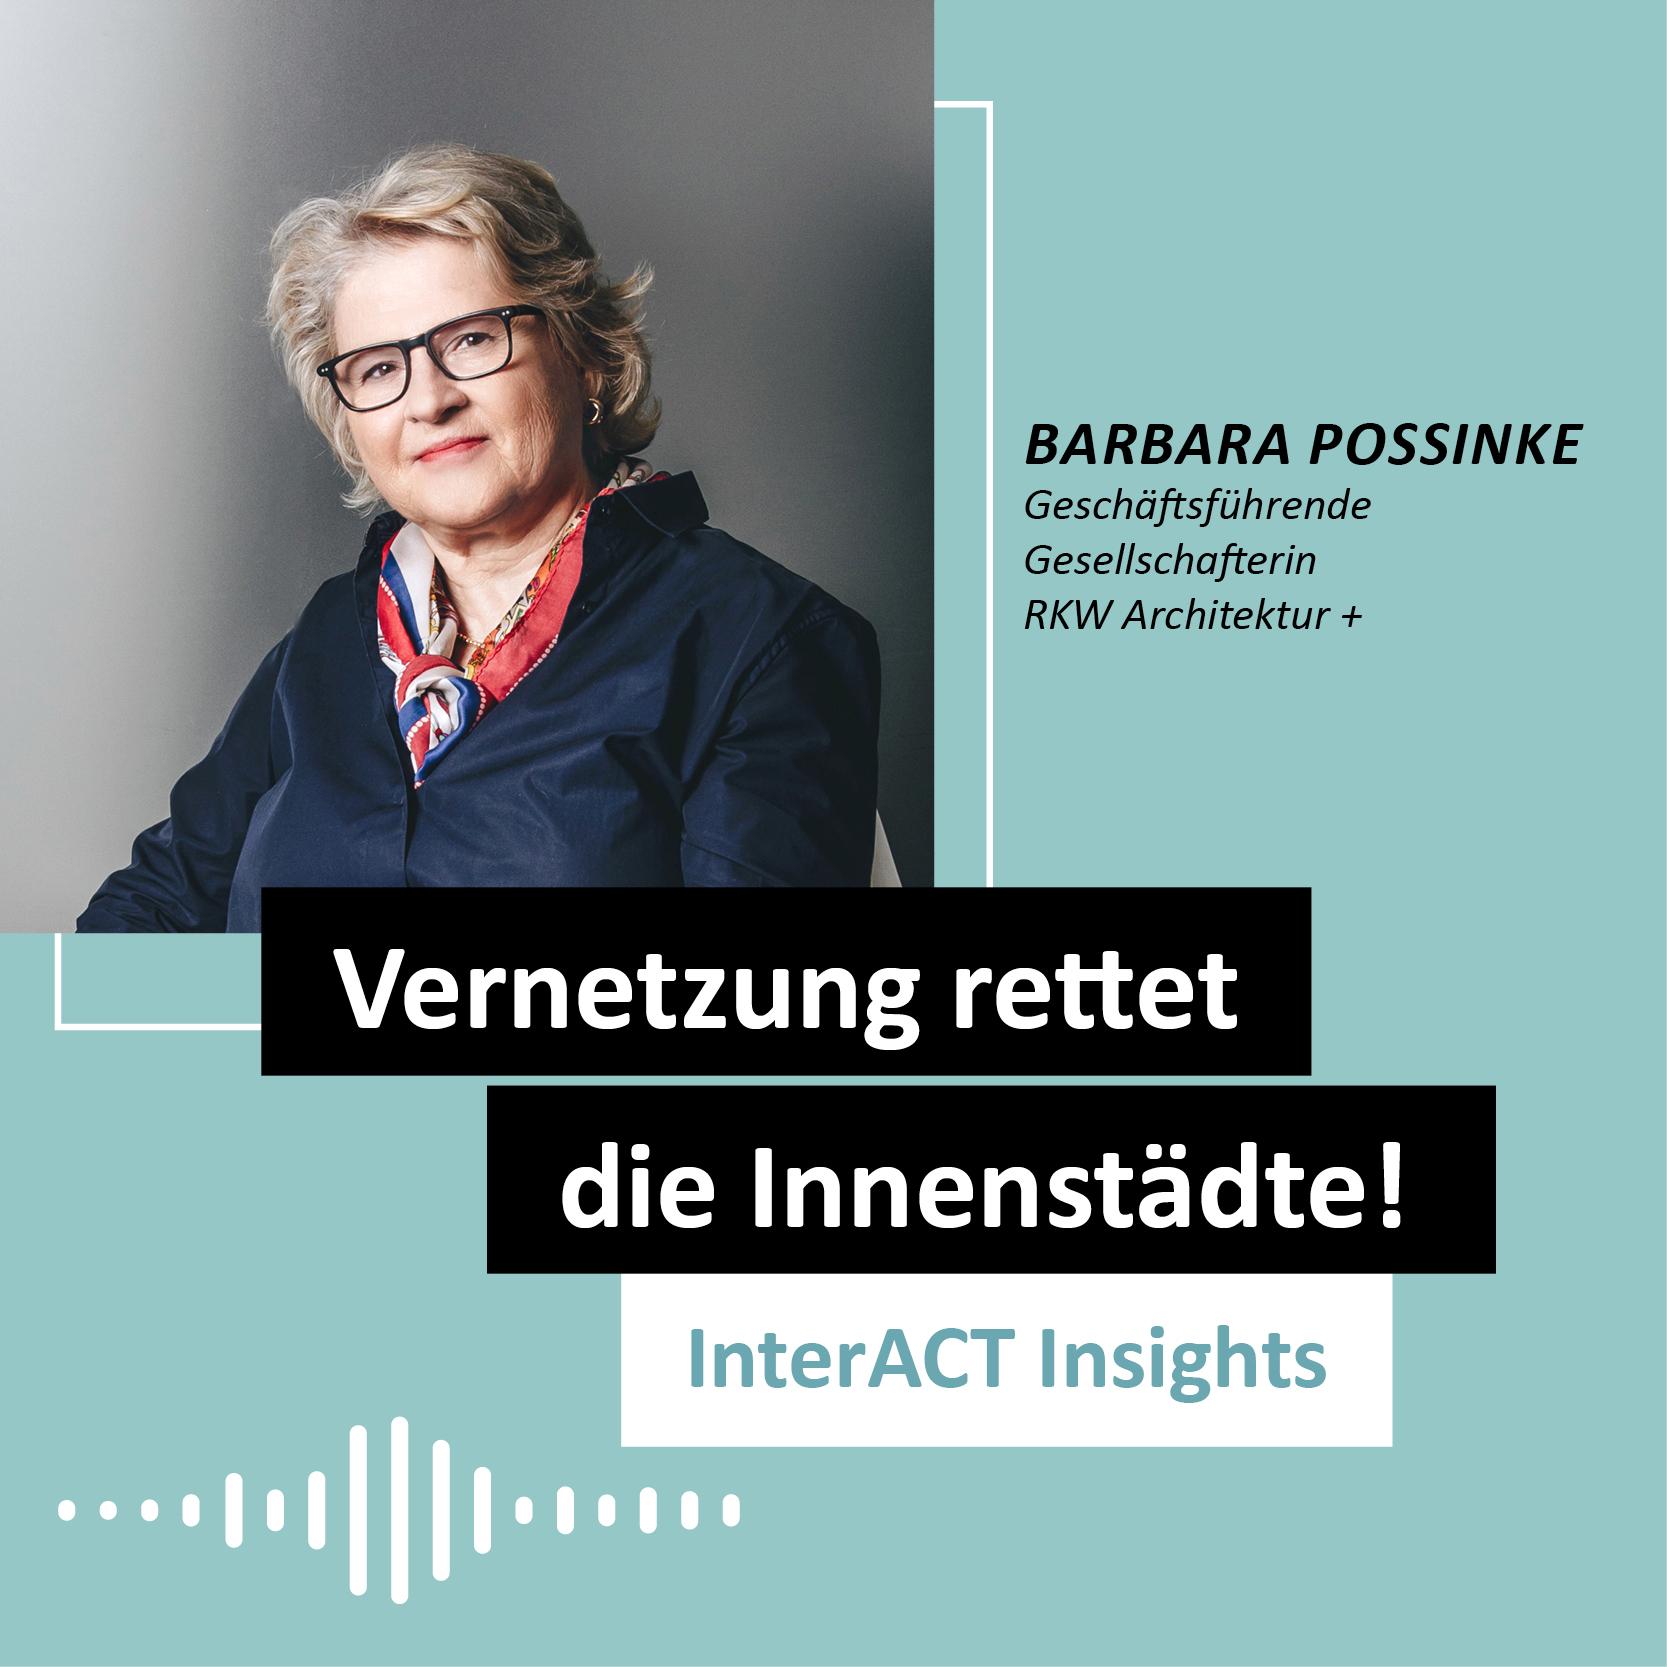 """Podcastfolge mit Barbara Possinke - """"Vernetzung rettet die Innenstädte"""" - InterACT Insights"""